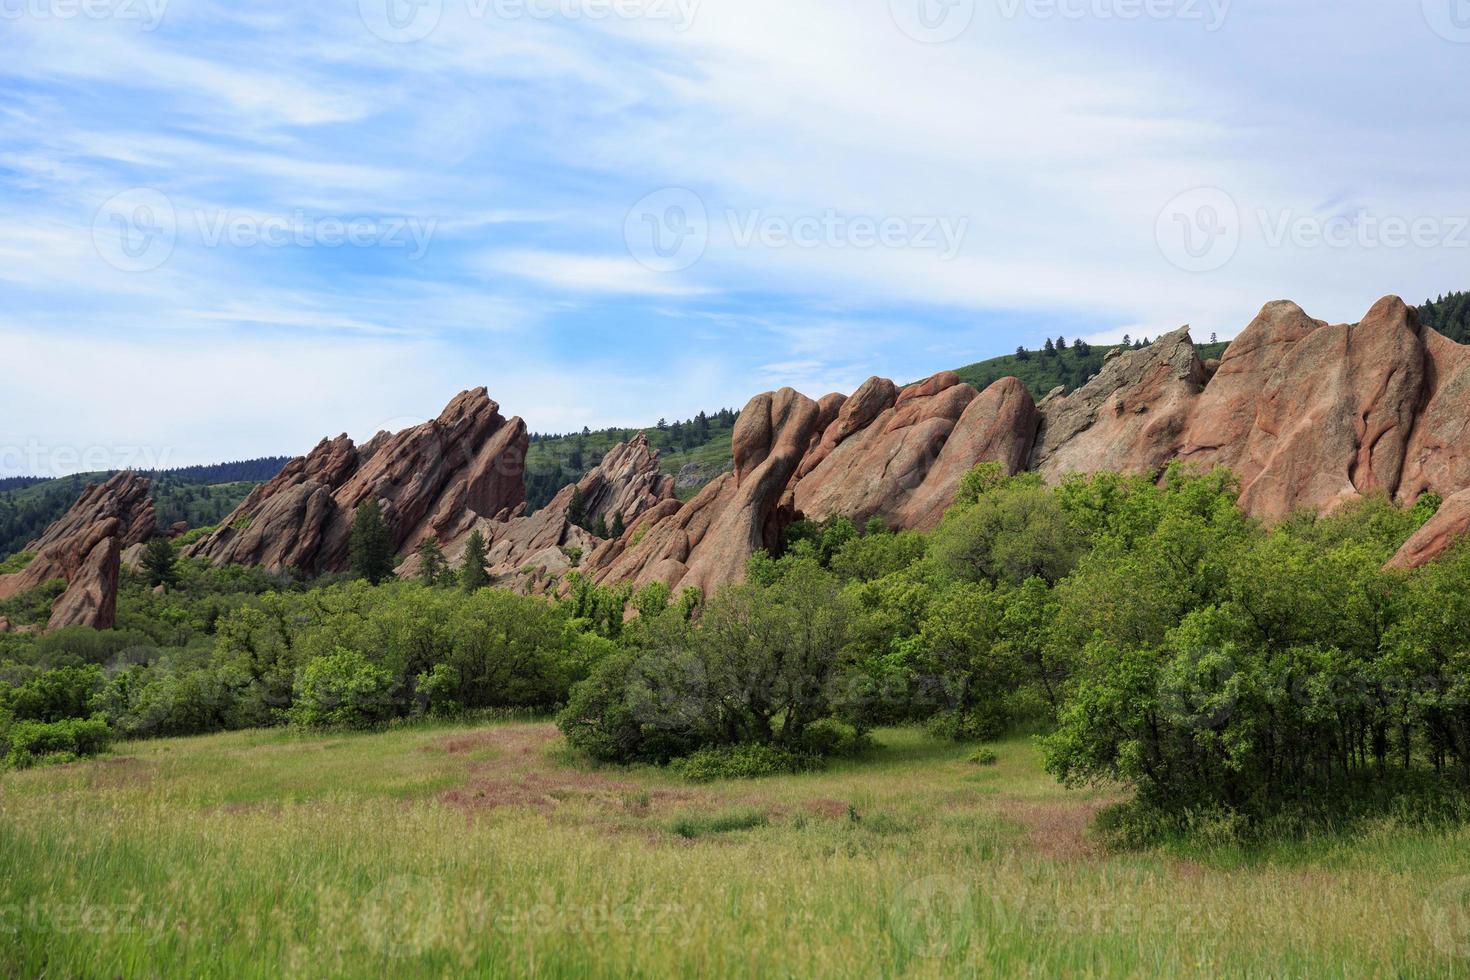 Roxbotough State Park photo